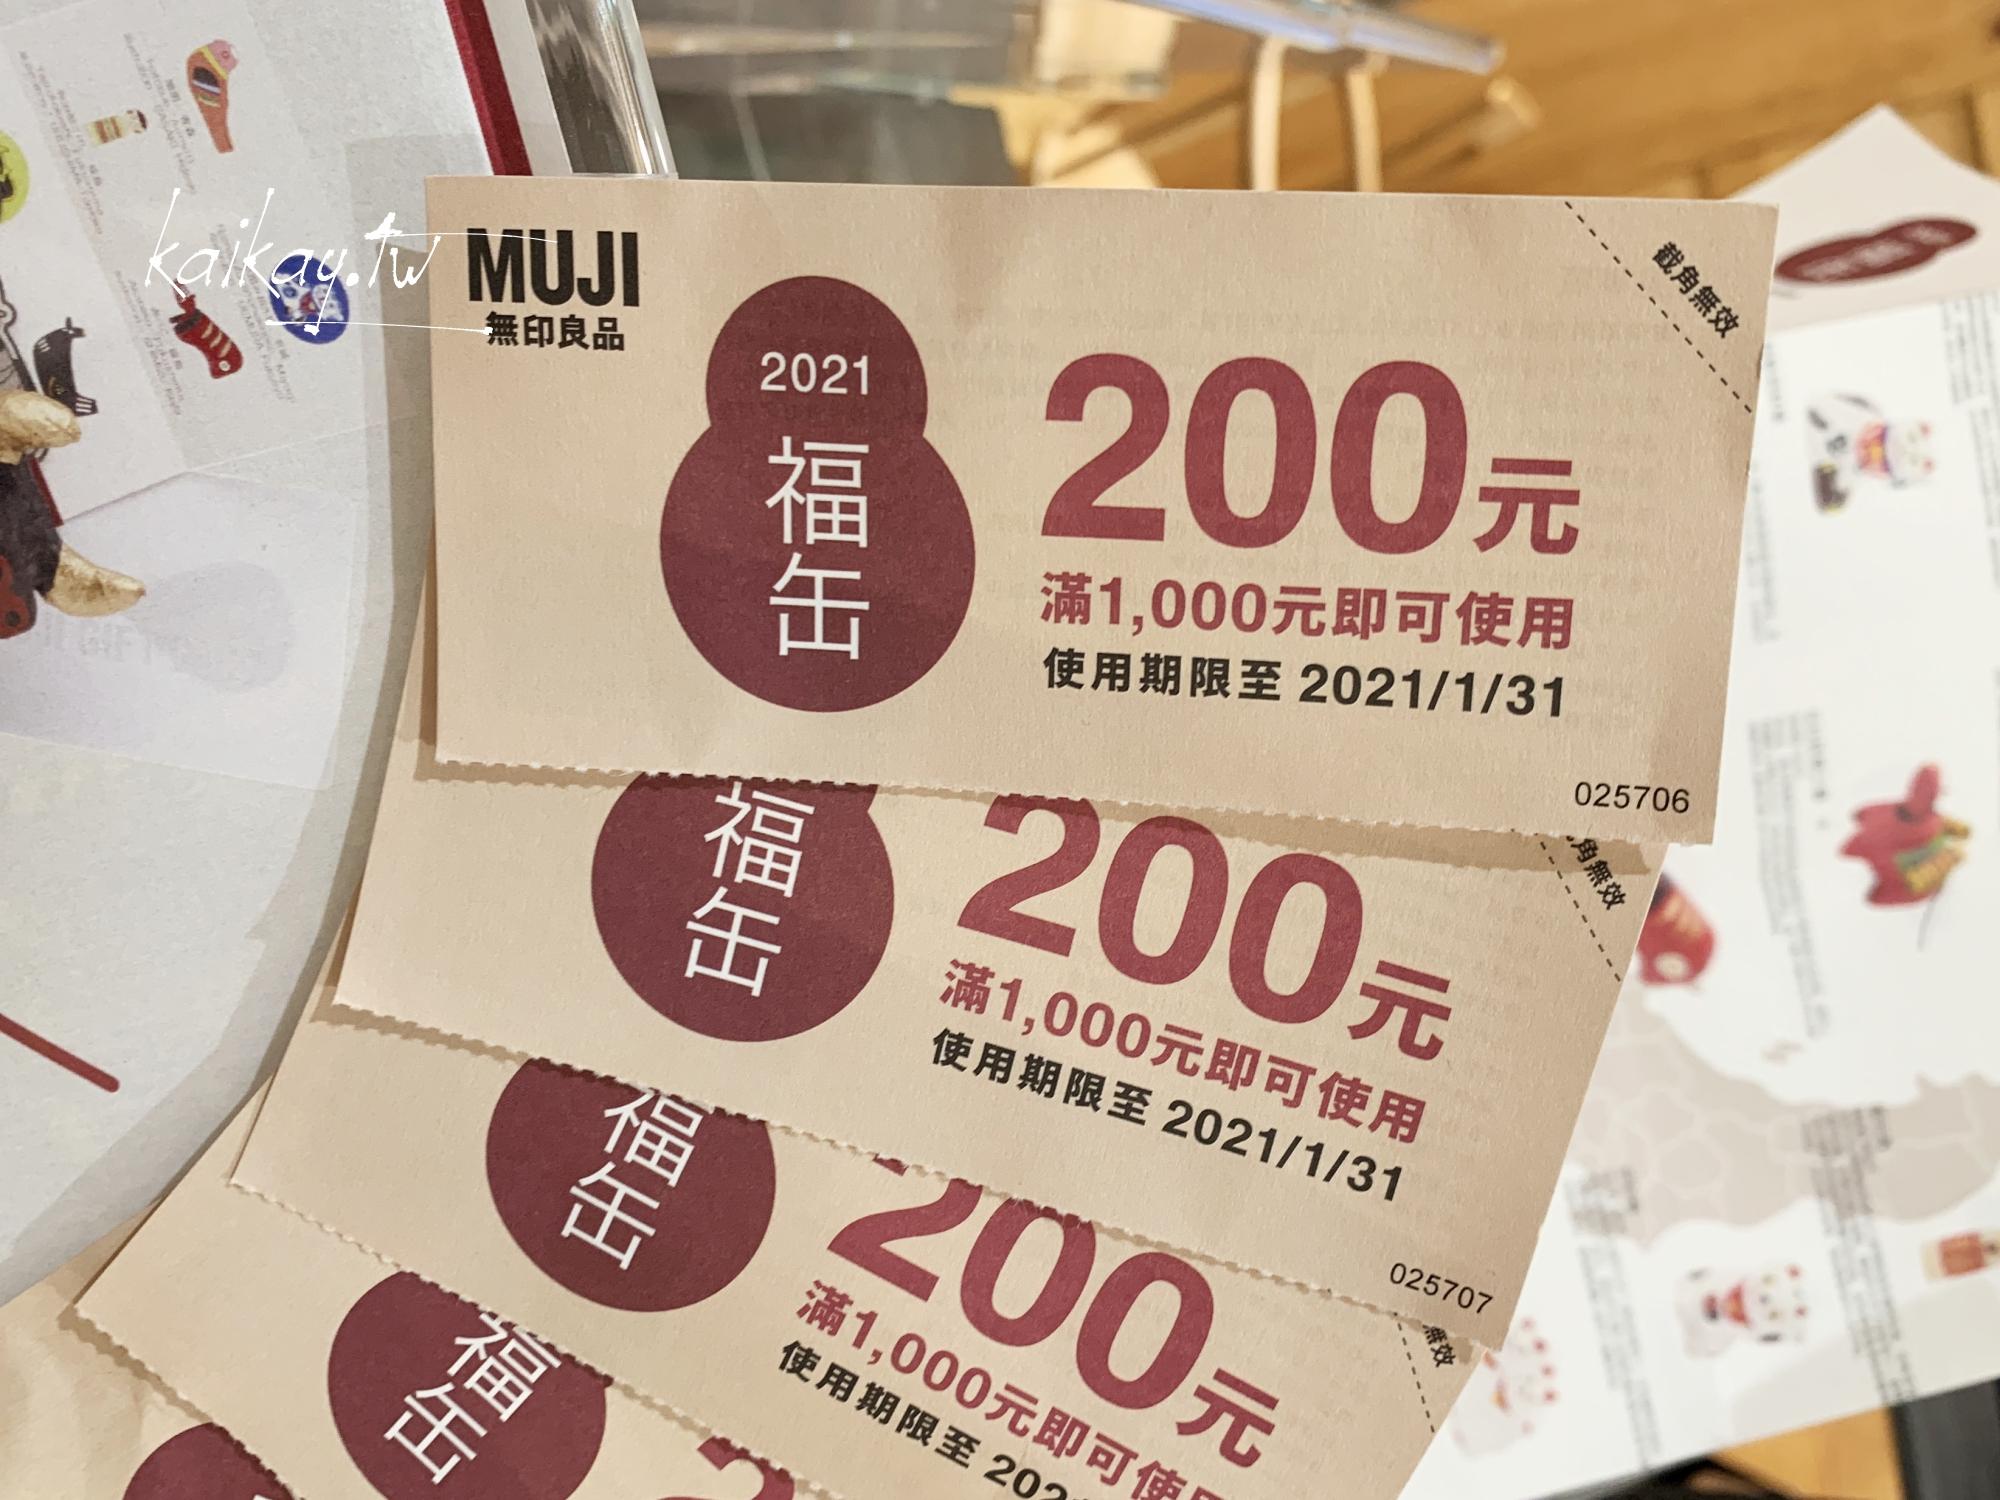 ☆【生活買物】2021無印良品MUJI跨年特惠。戰利品當然是新年月週筆記本!